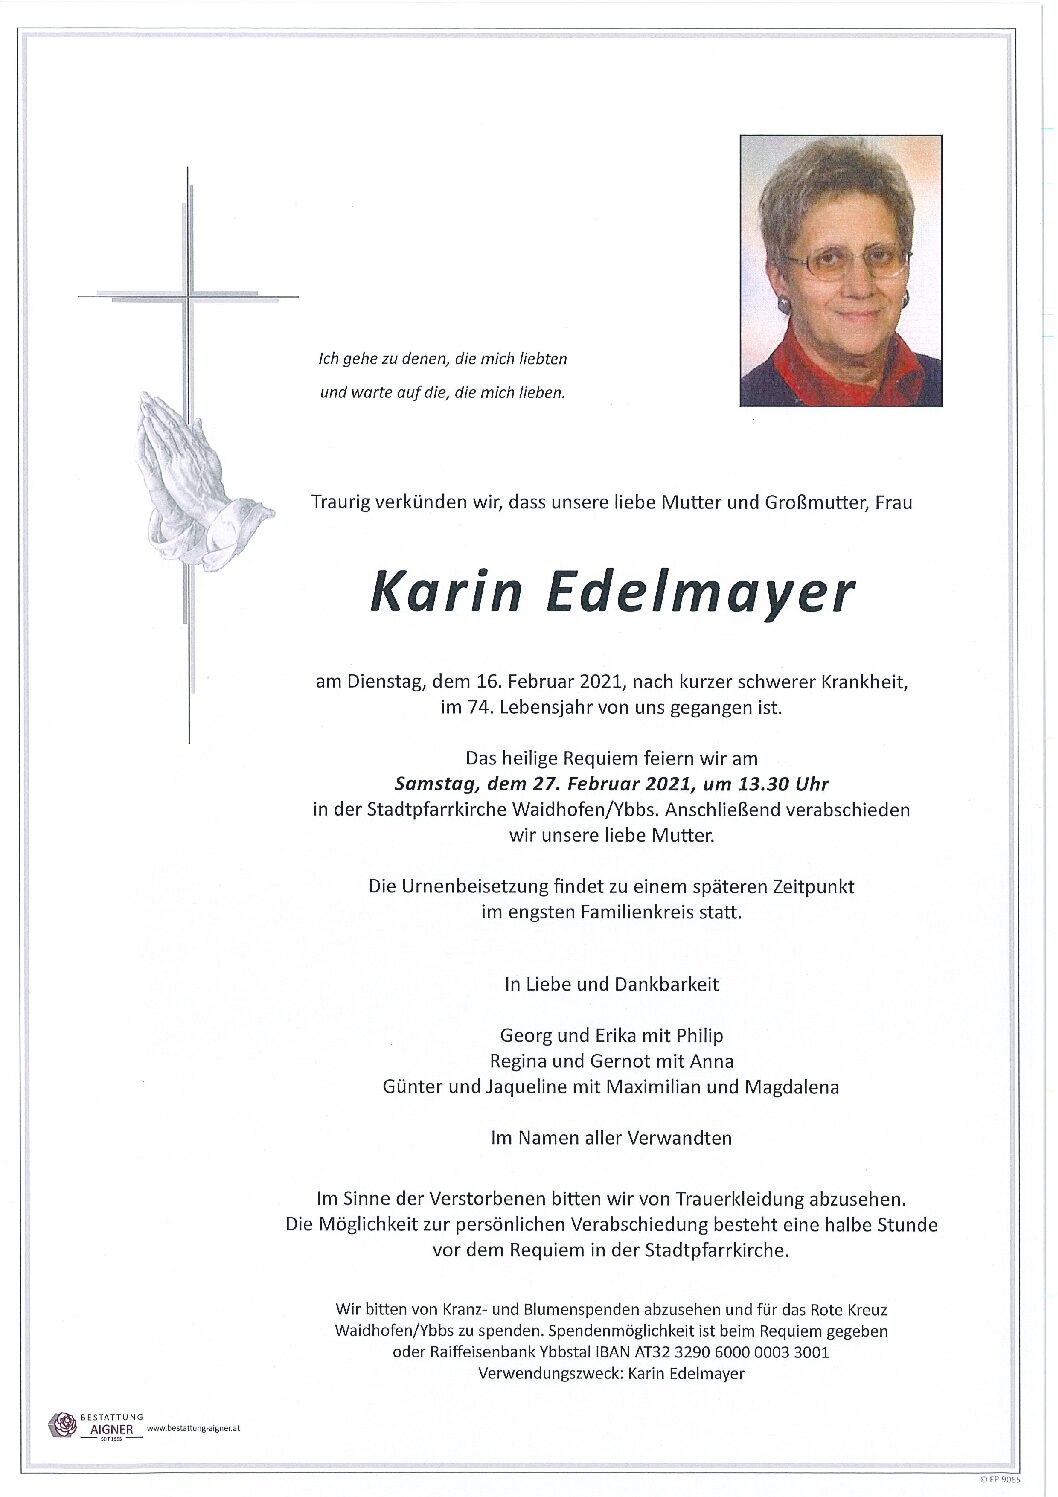 Karin Edelmayer